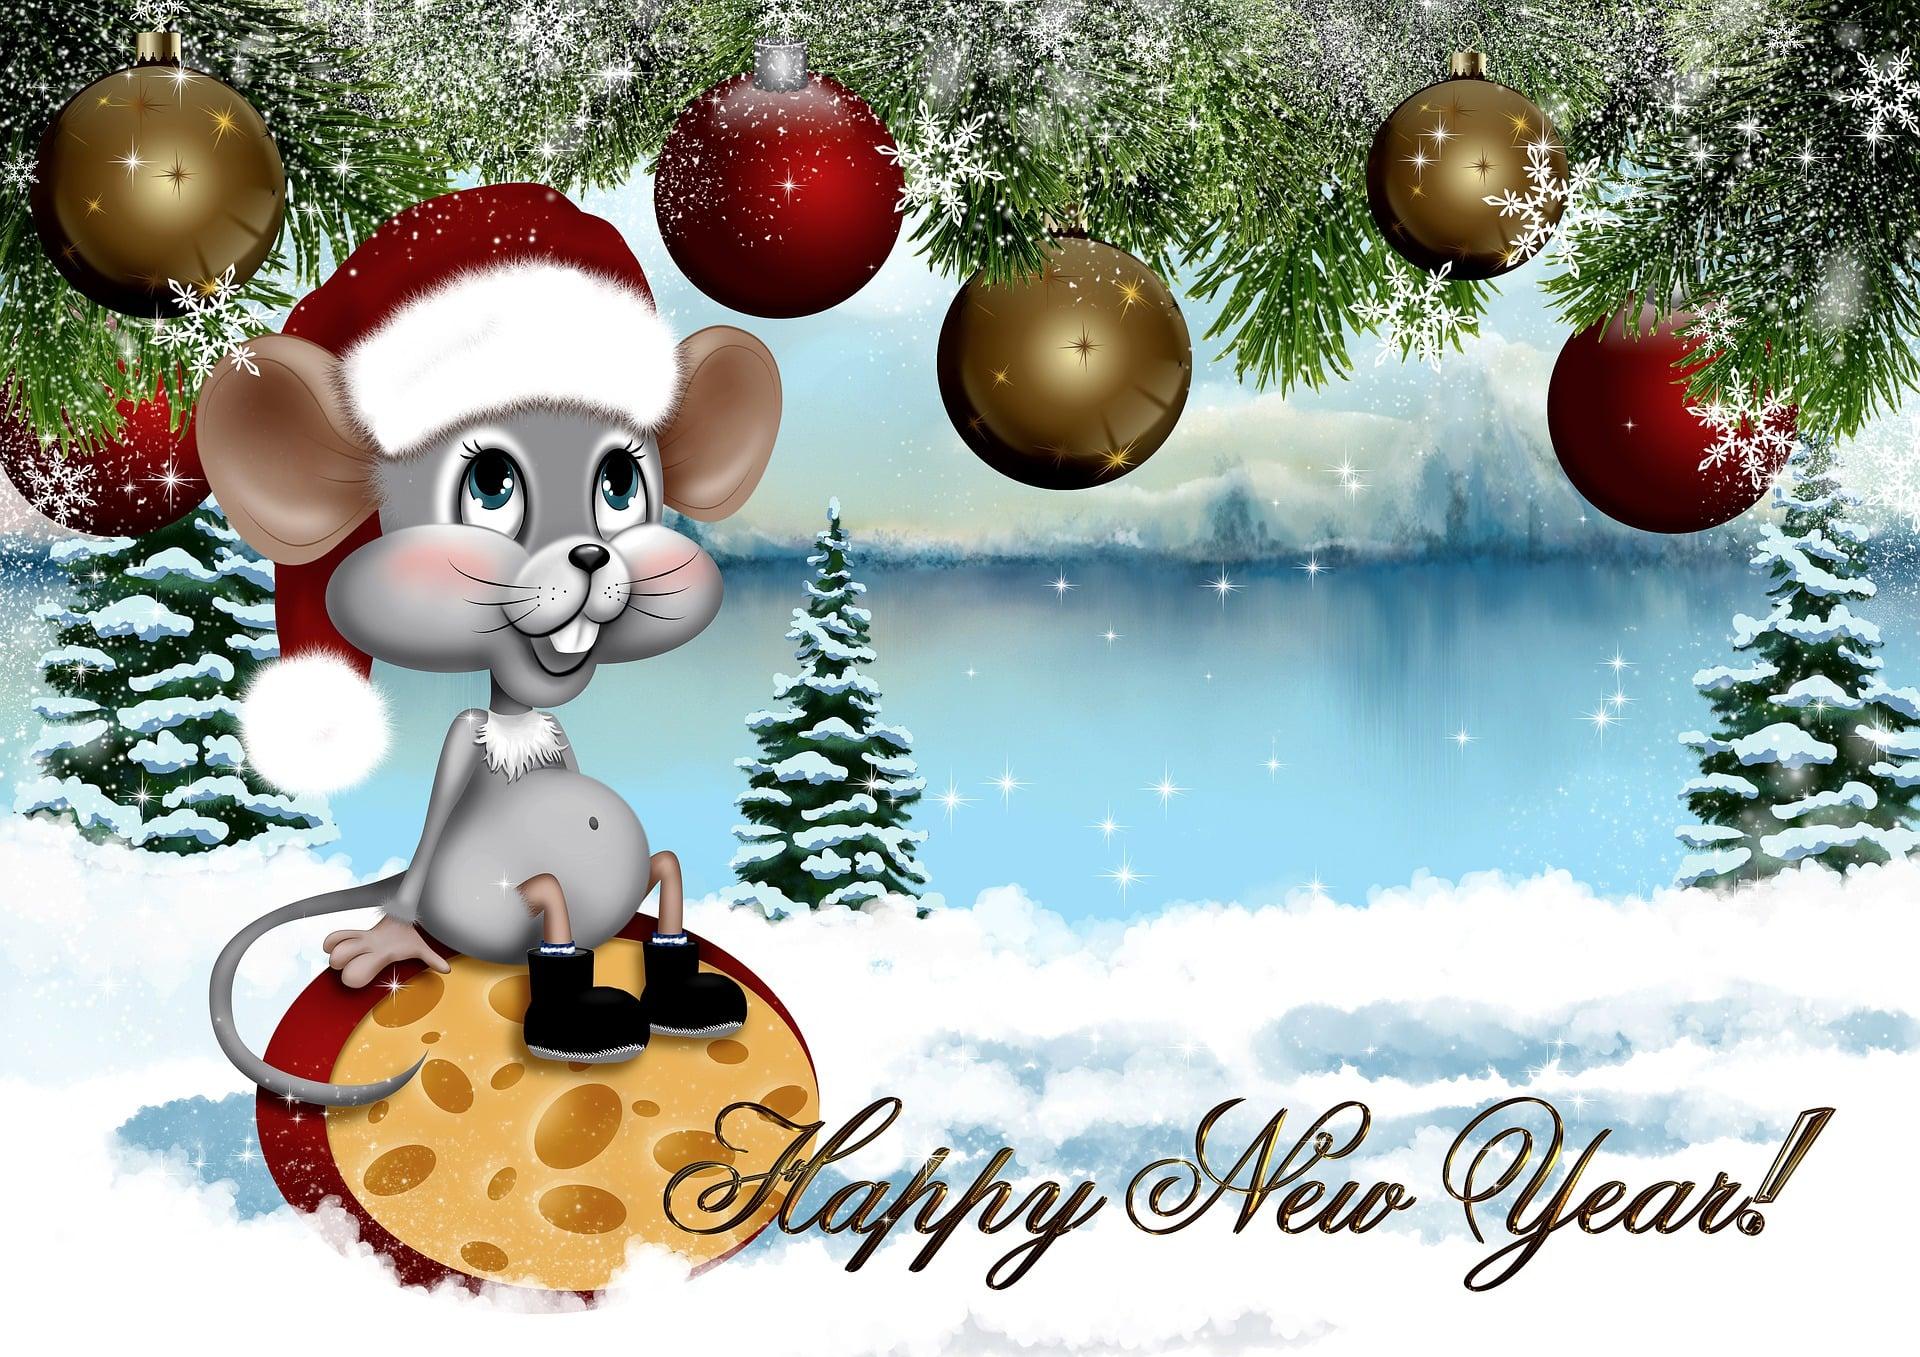 new year 4661098 1920 - С Новым годом! | Happy New Year! | З Новим роком!